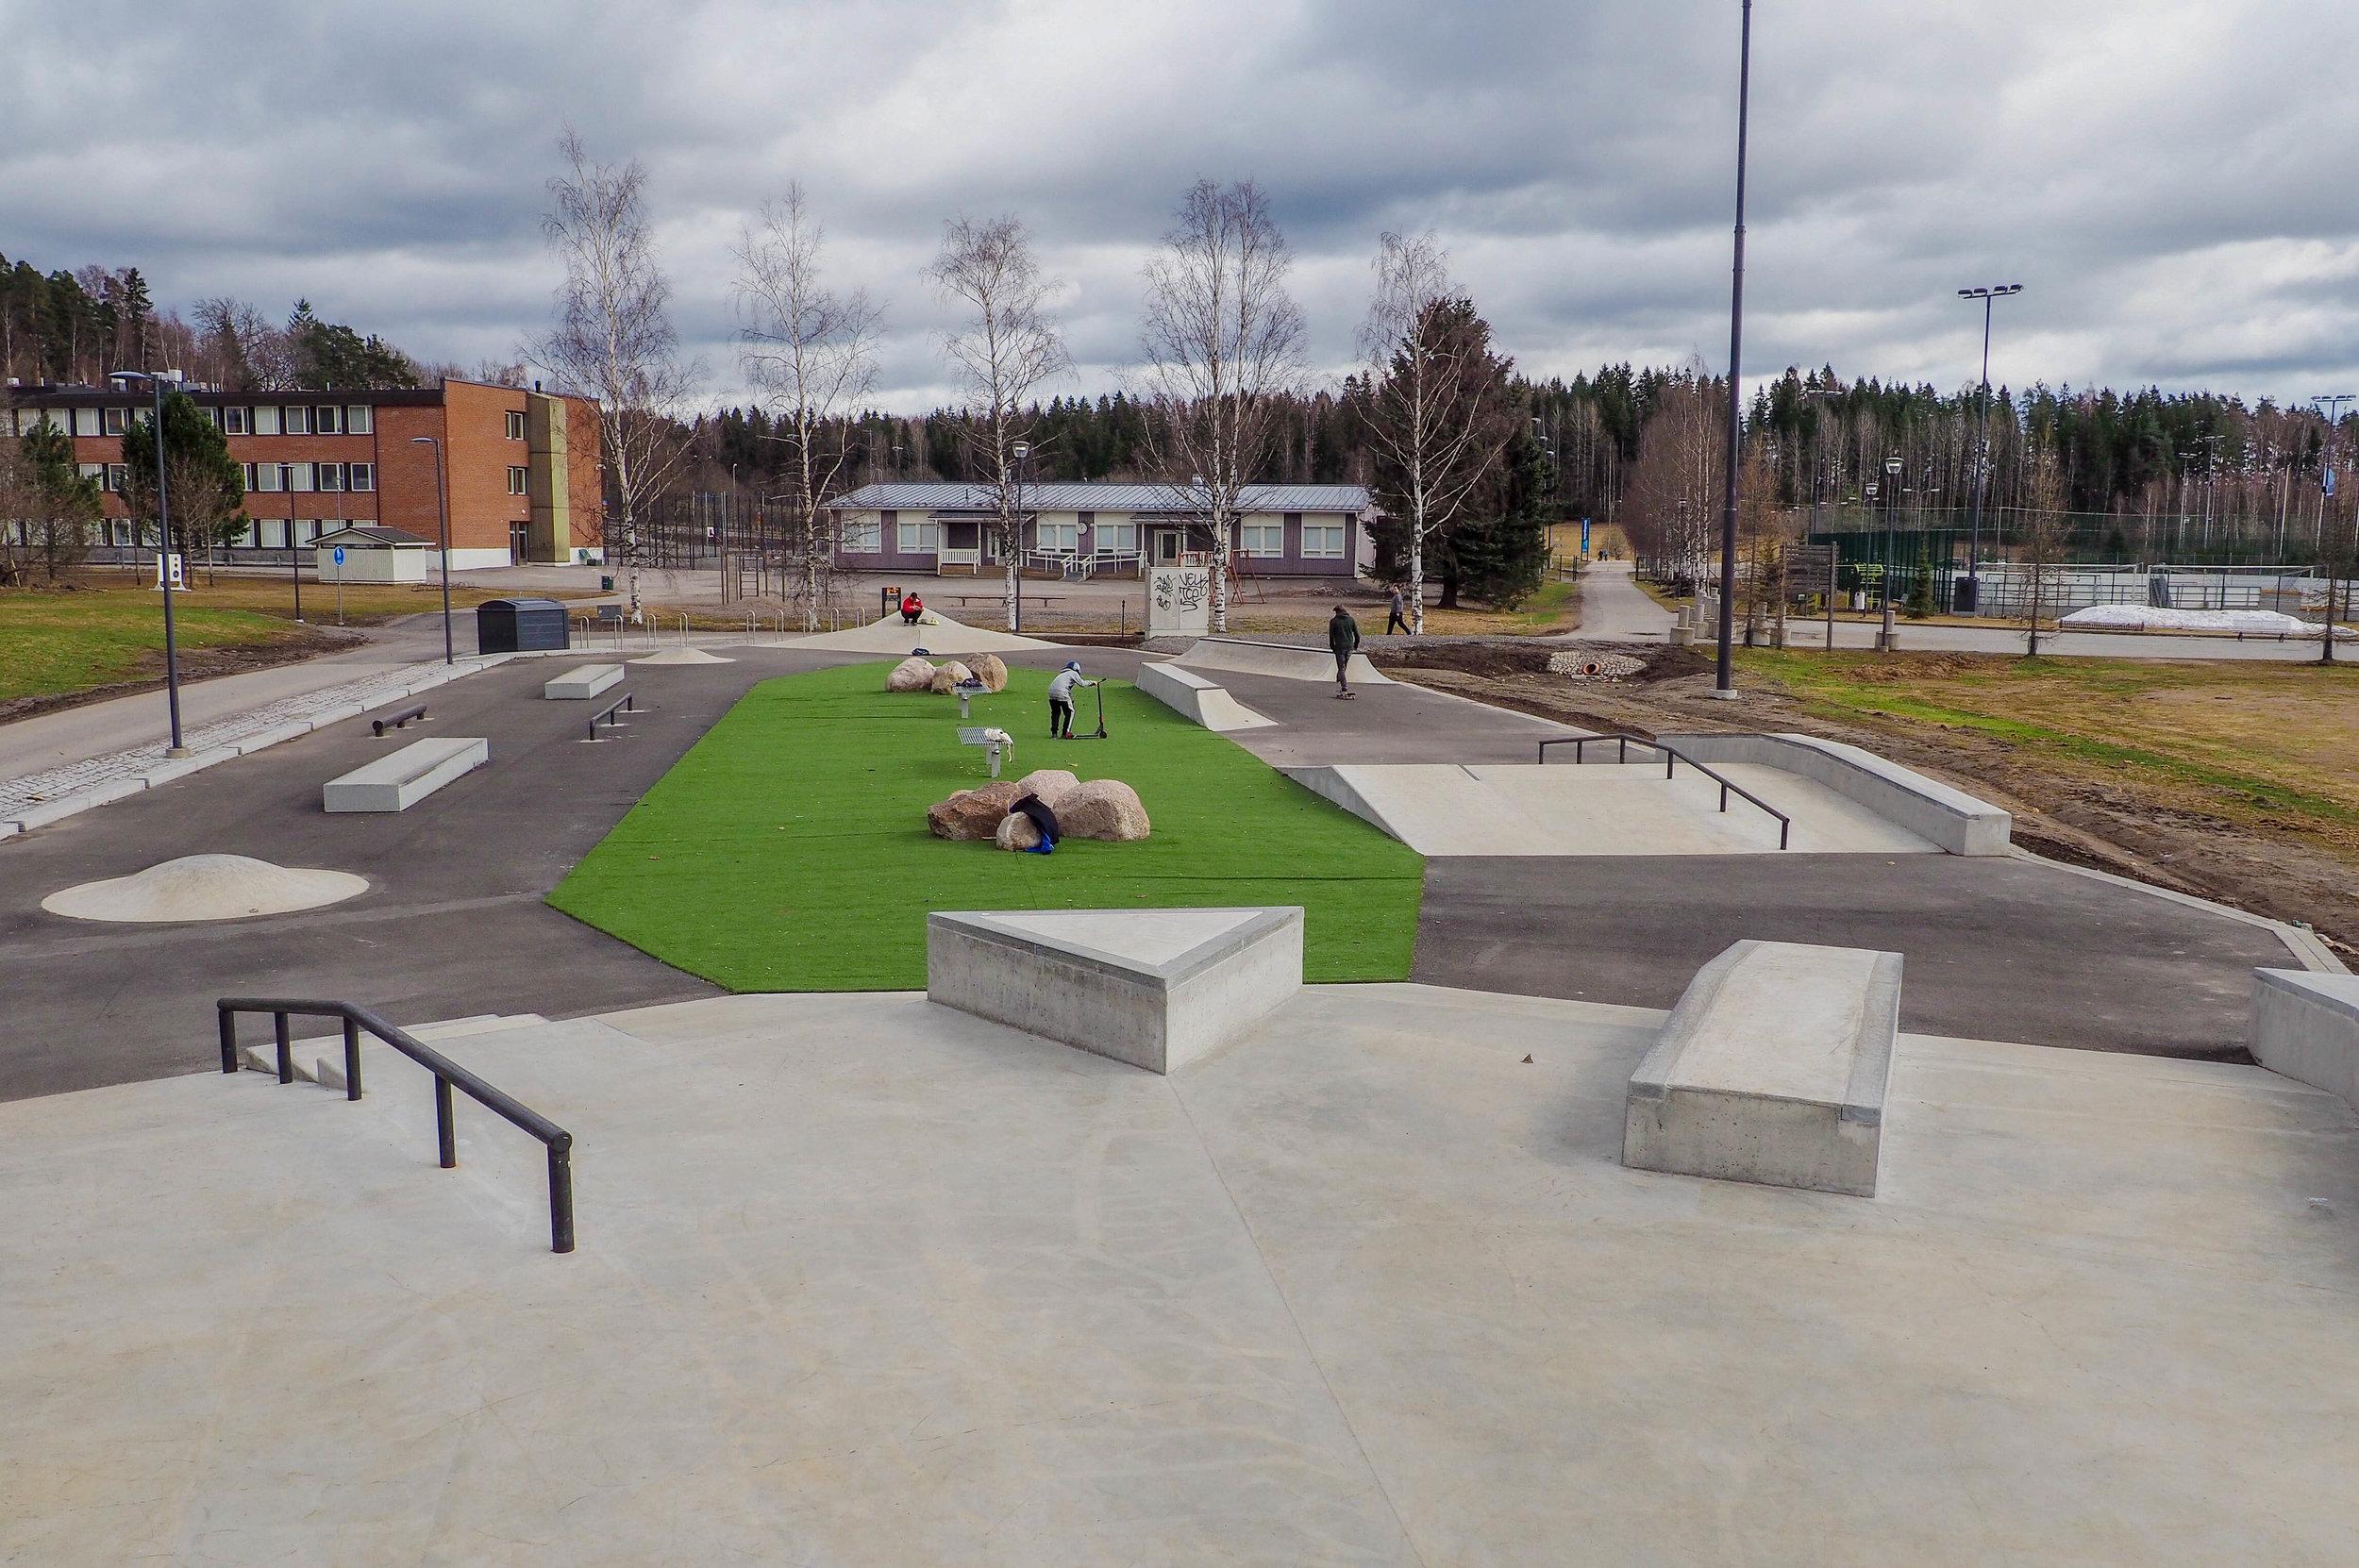 Hakunilan urheilupuisto, Vantaa